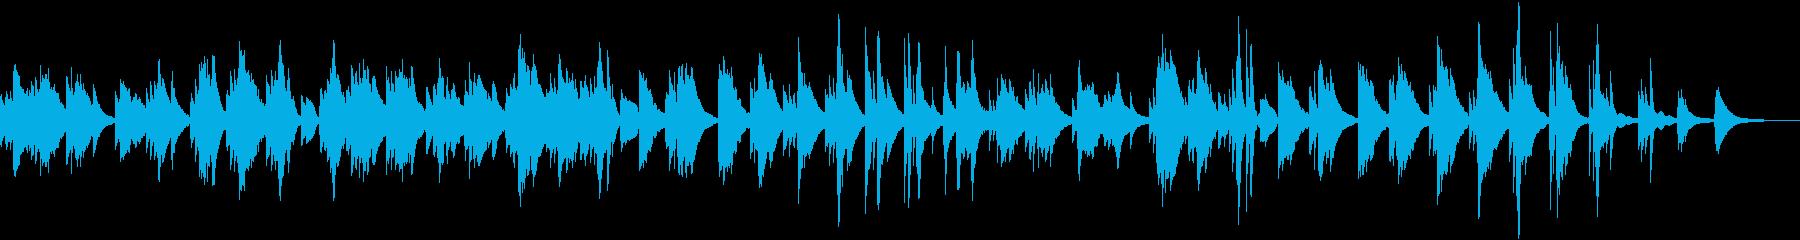 和音の響きが美しいあたたかなピアノ曲の再生済みの波形